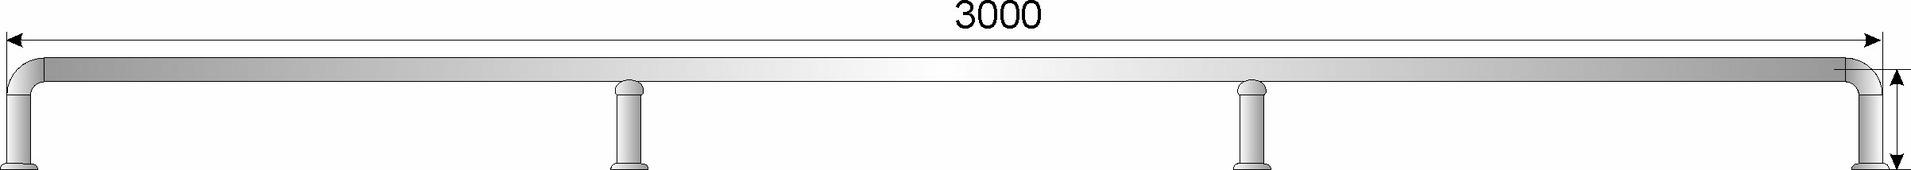 Отбойник для тележек нерж. сварной D38мм, h179мм, L3000мм, h оси трубы 160мм